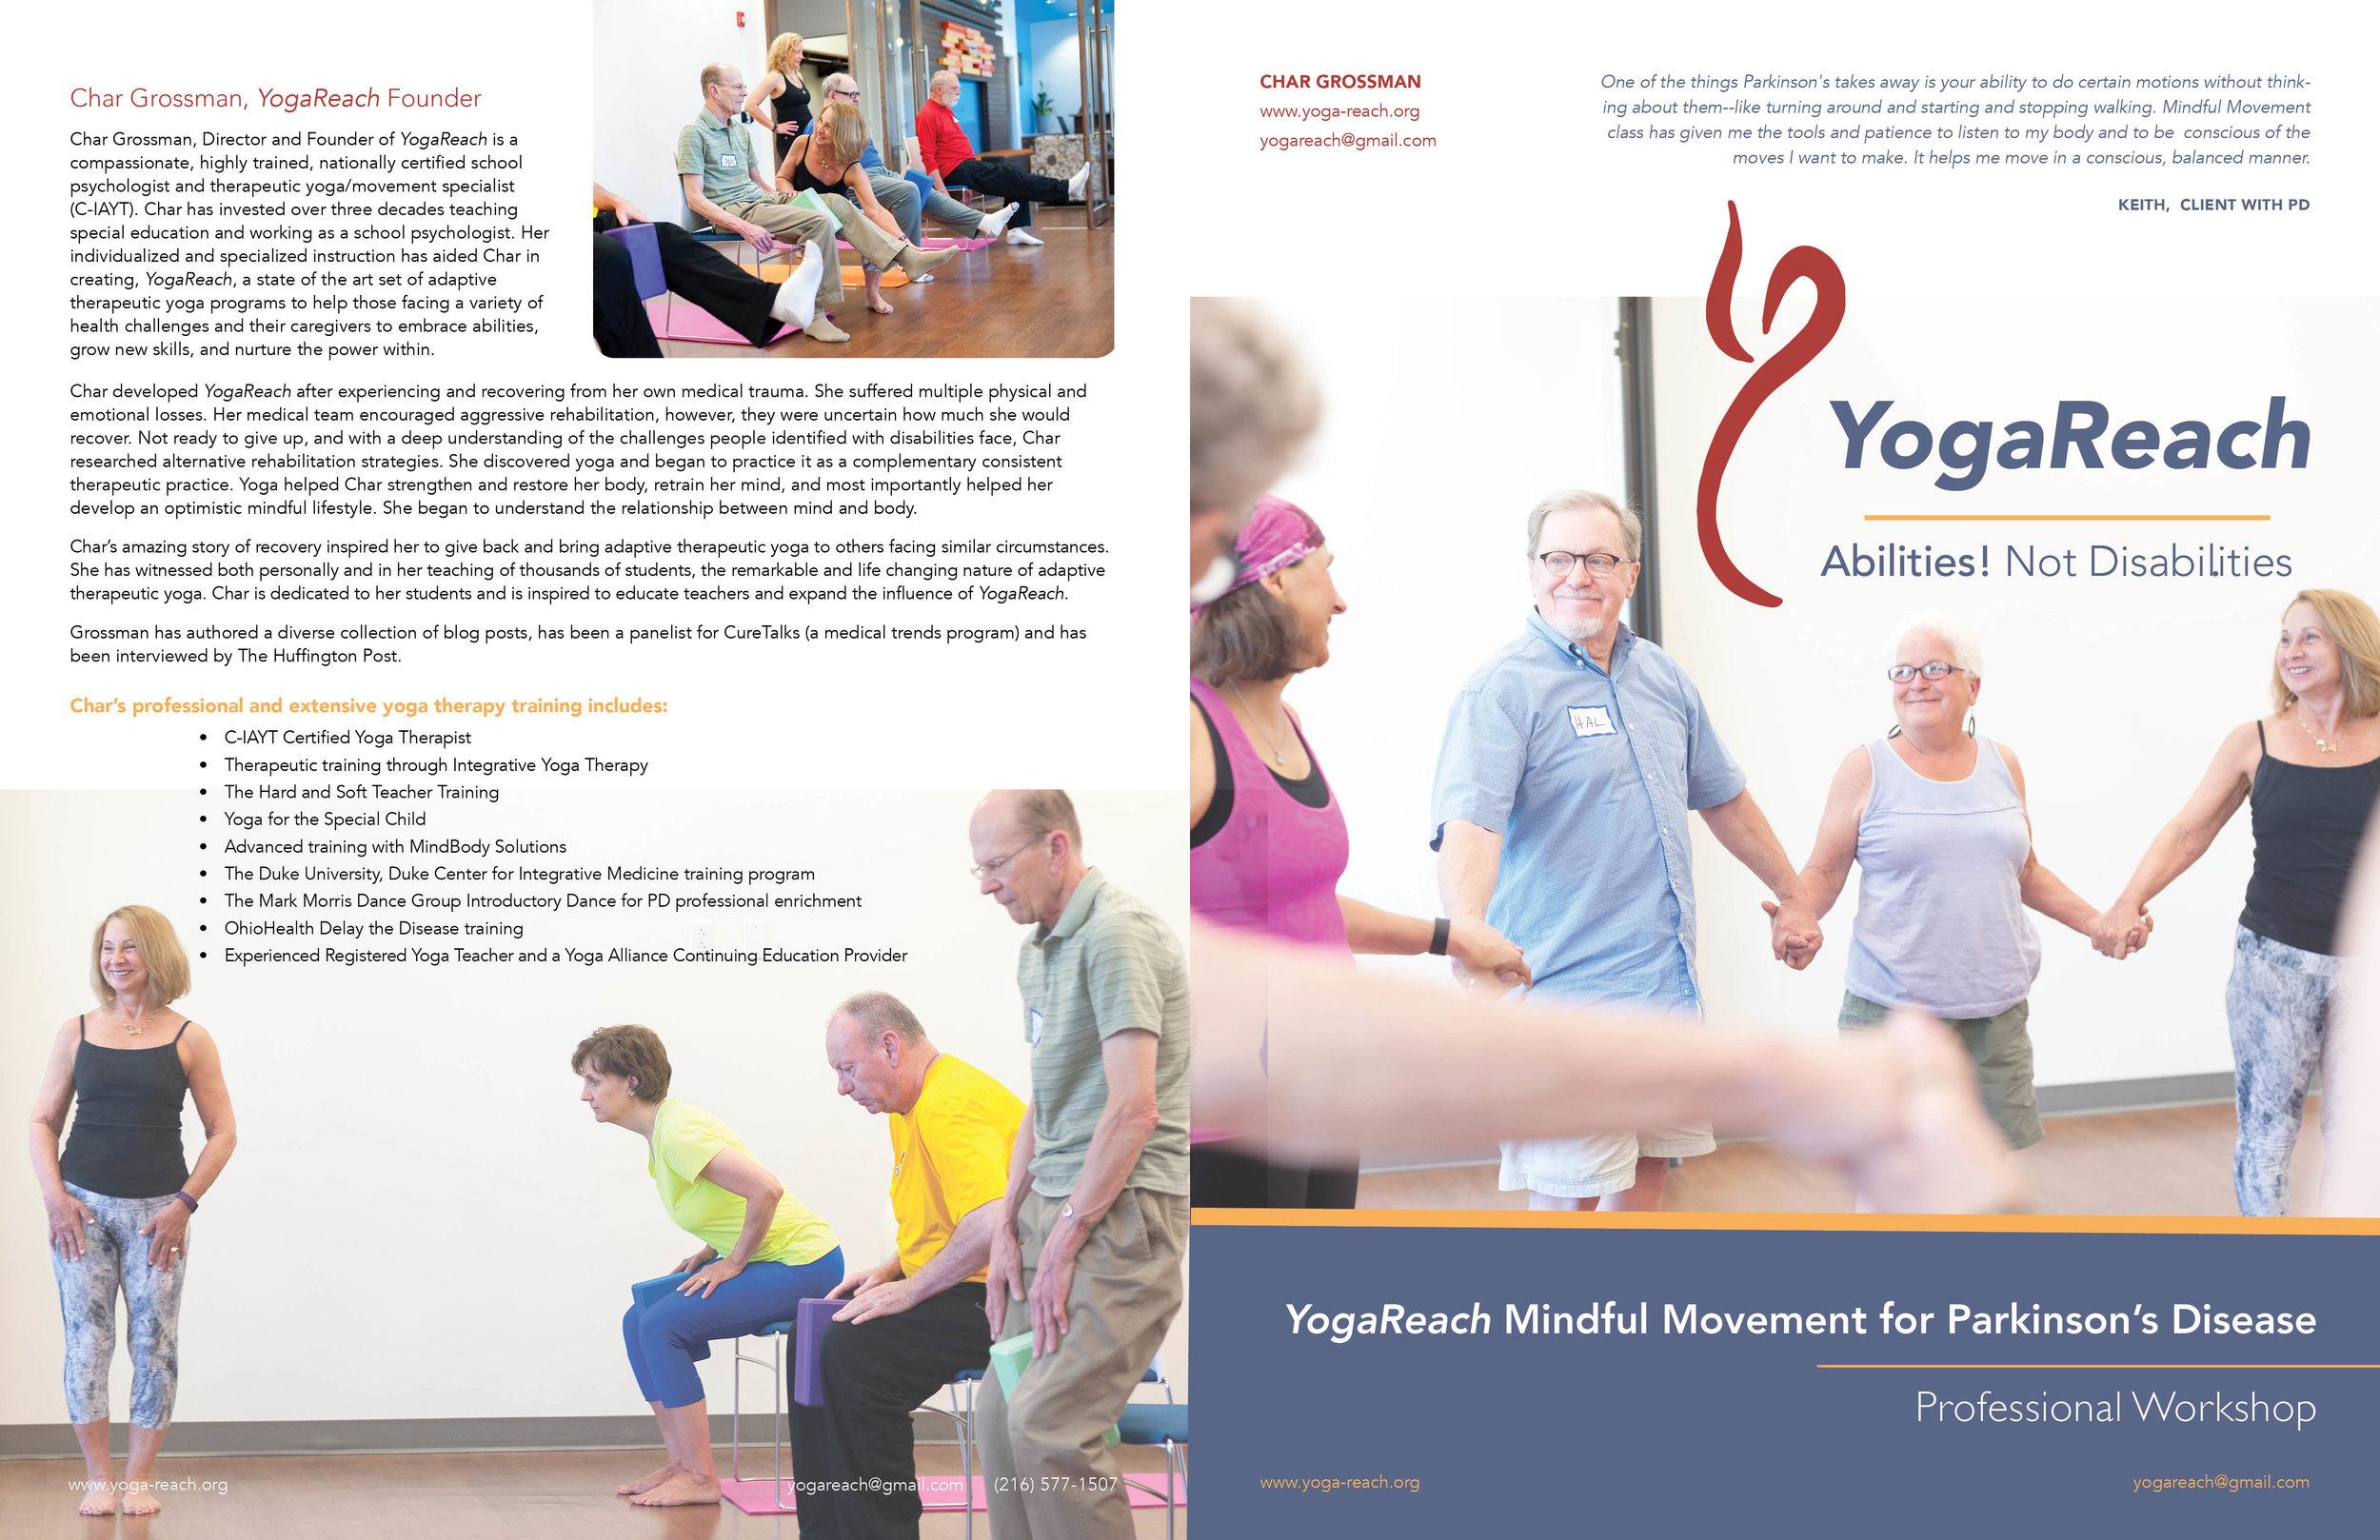 YOGAREACH-print2.jpg